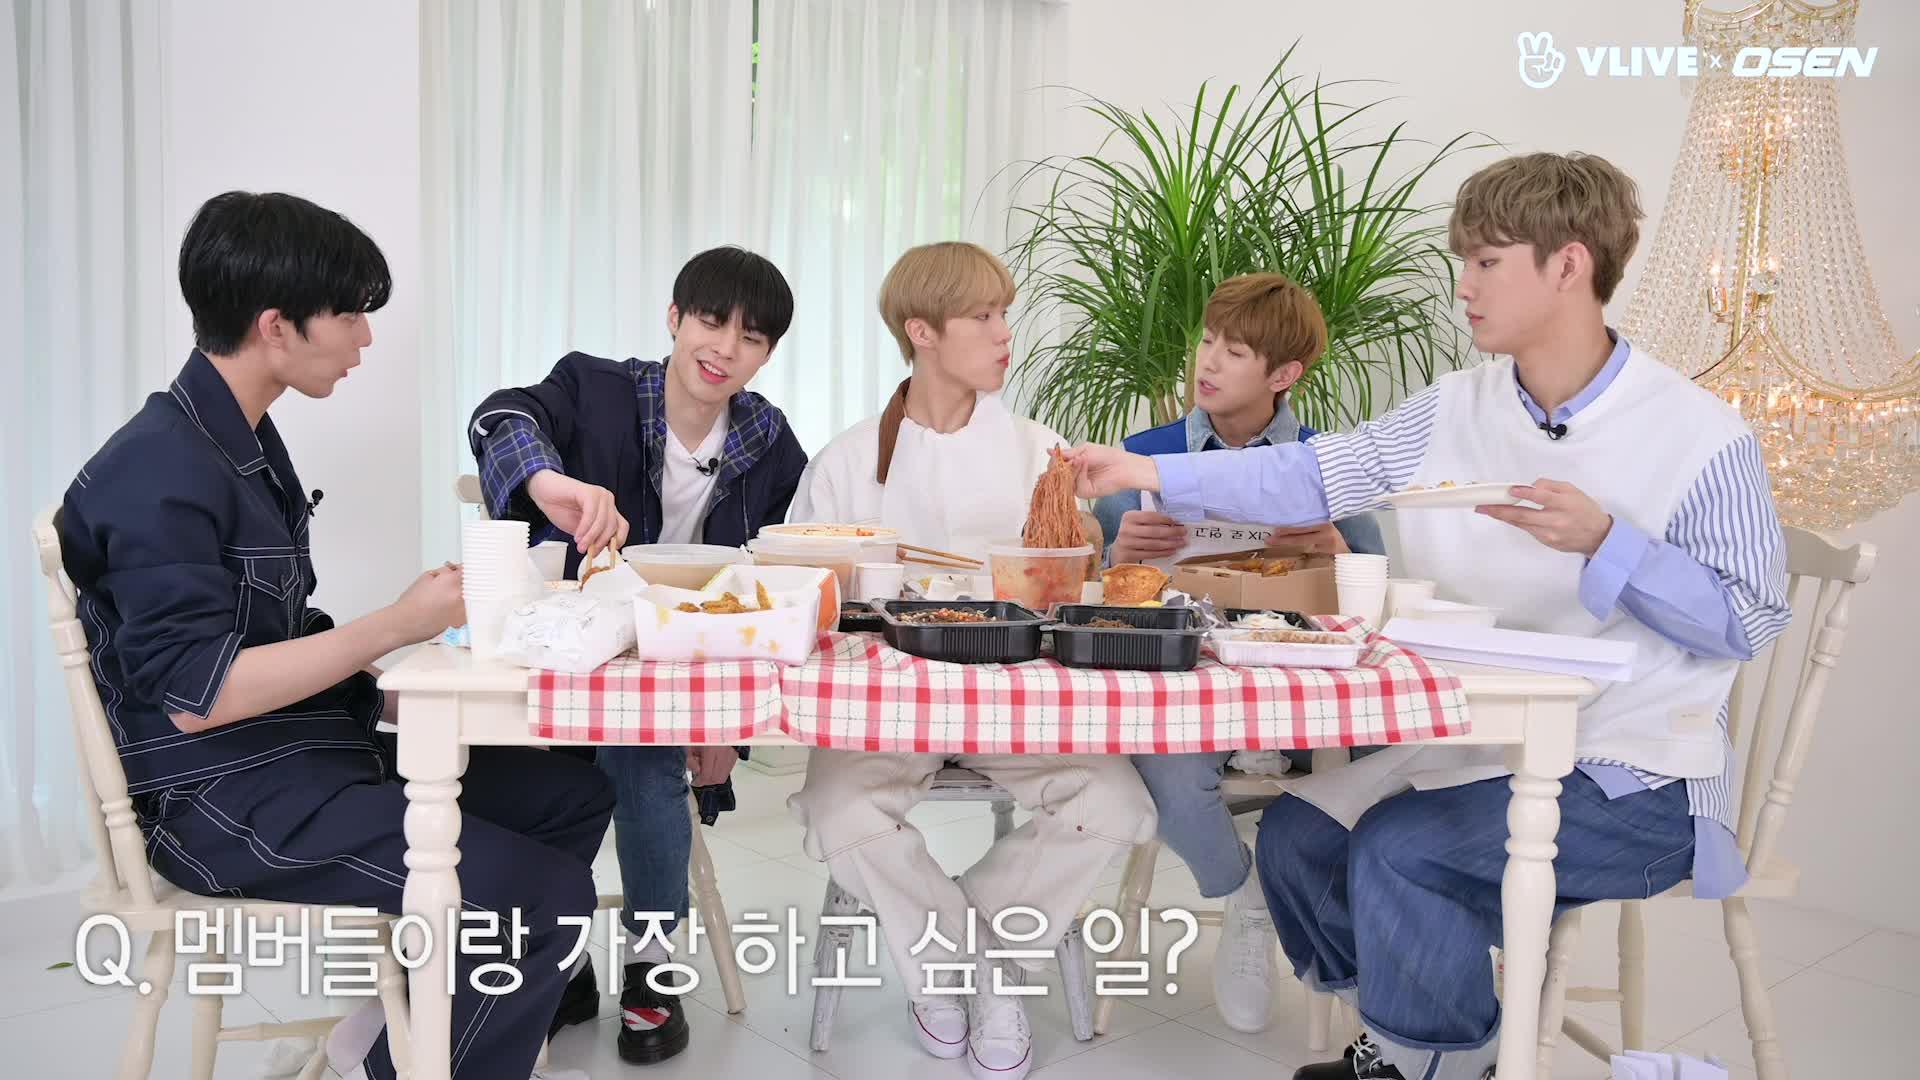 '스타로드' CIX 배진영, 특이한 먹방 노하우? #EP 13